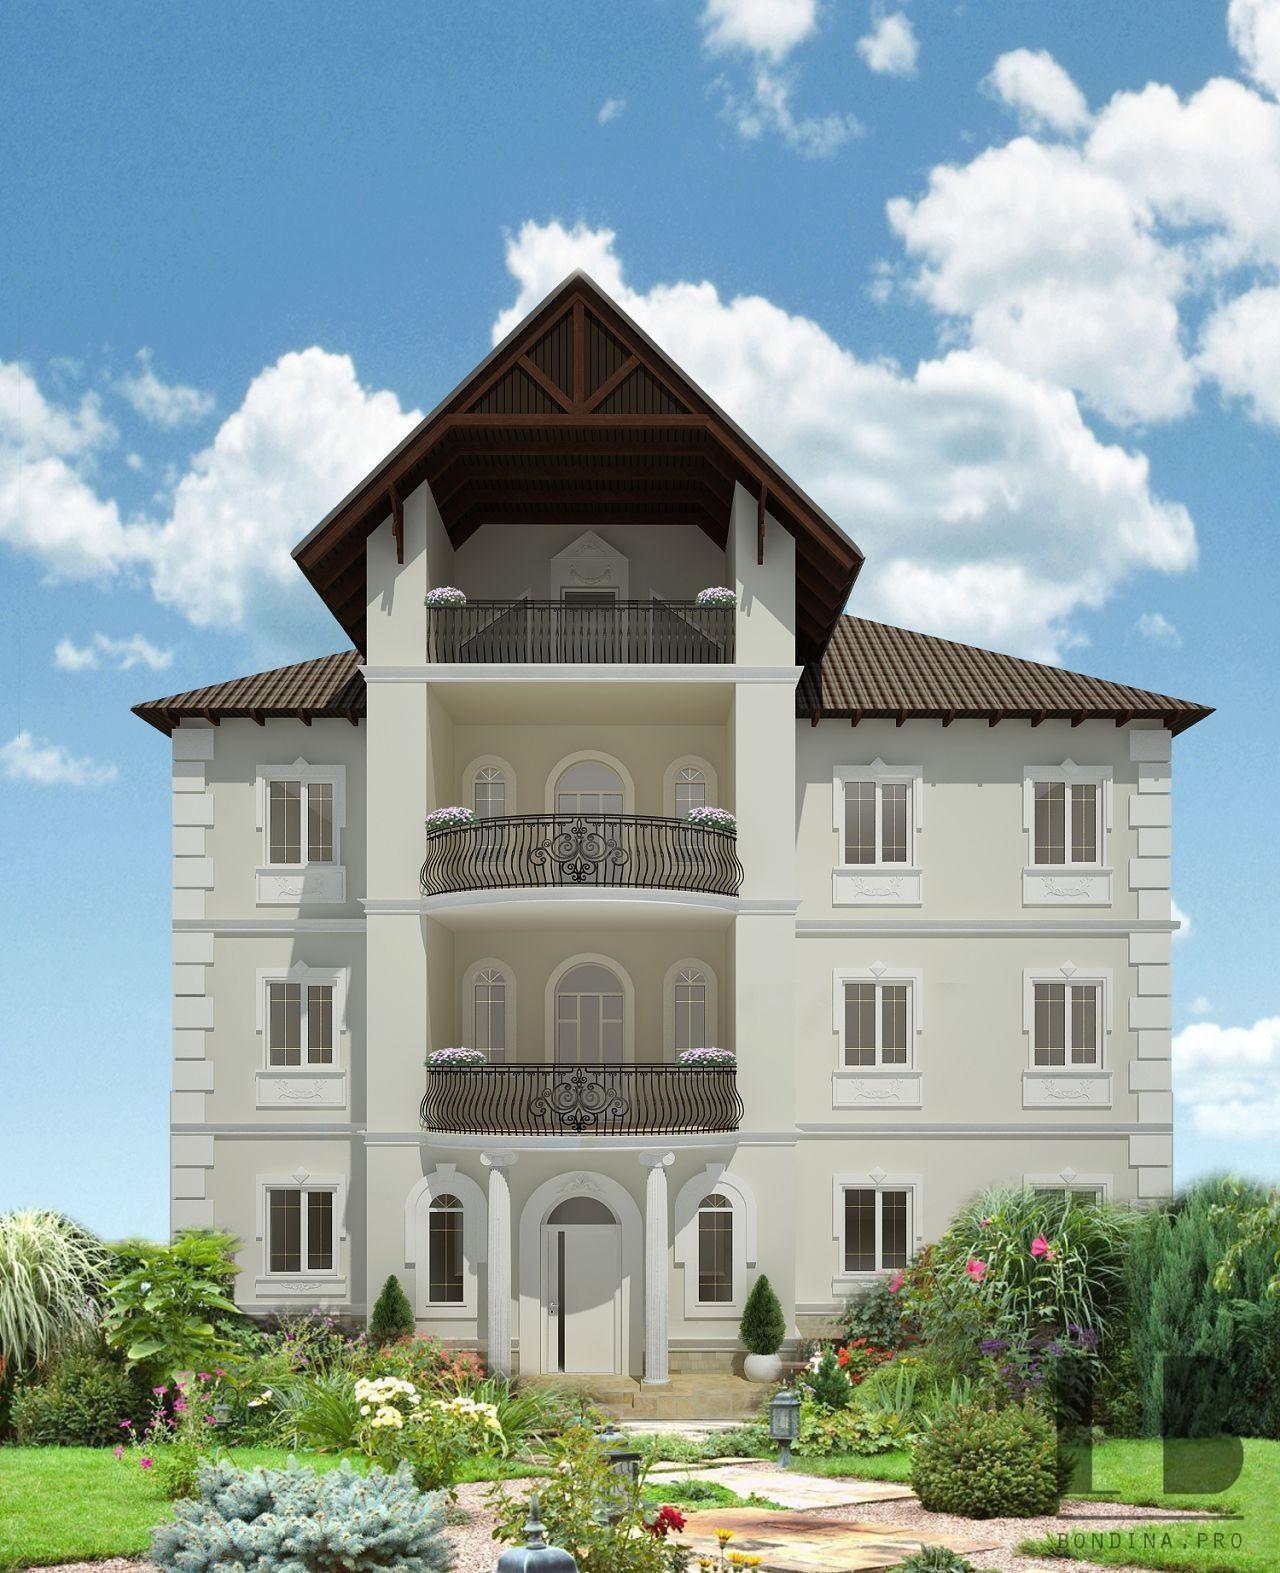 Facade of a house reconstruction